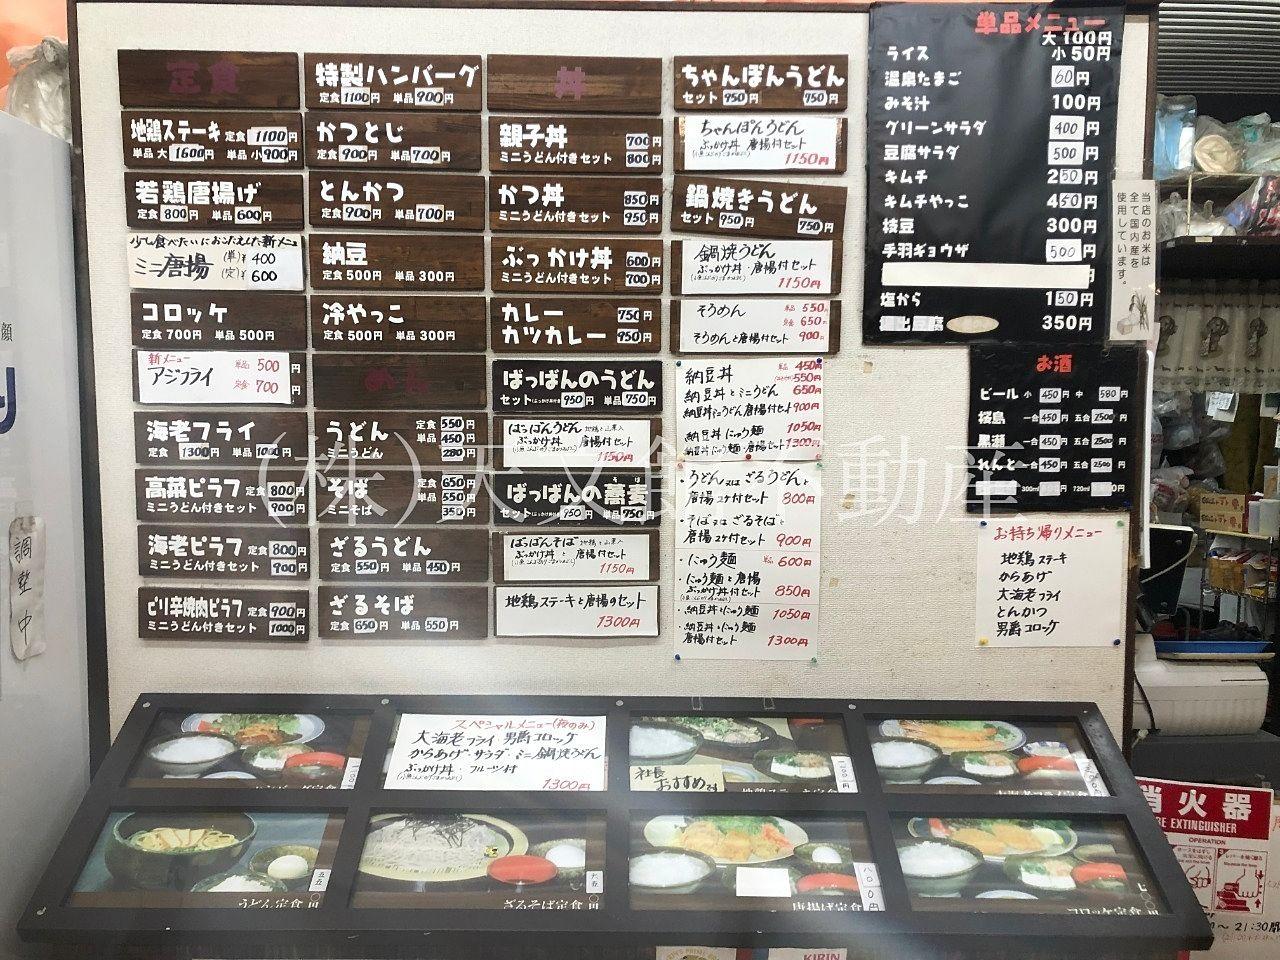 鹿児島 たぬき湯 食事 メニュー